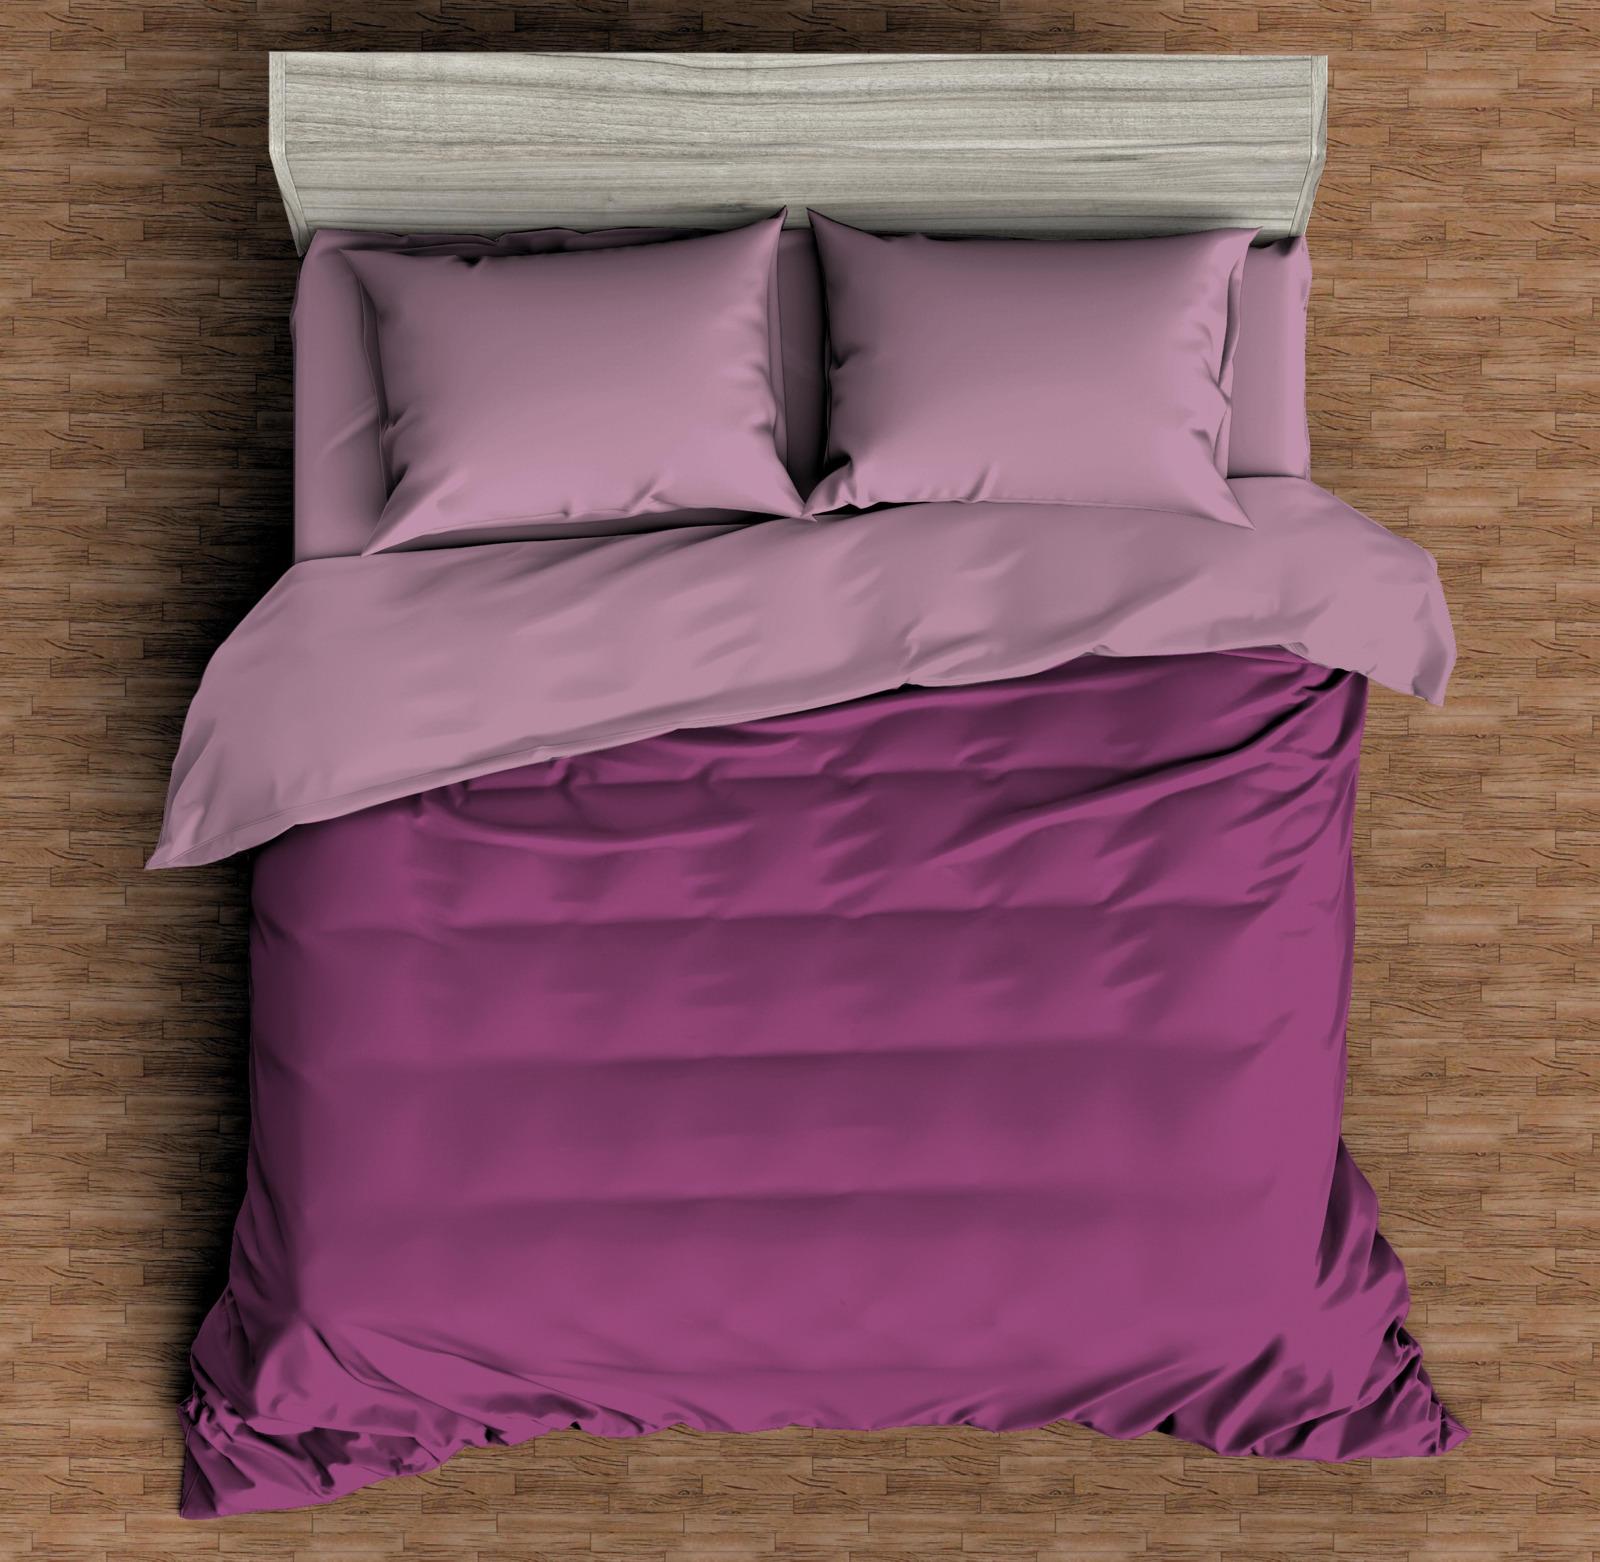 """Комплект постельного белья Amore Mio Макосатин """"Топаз"""", 9813, розовый, евро, наволочки 70x70"""